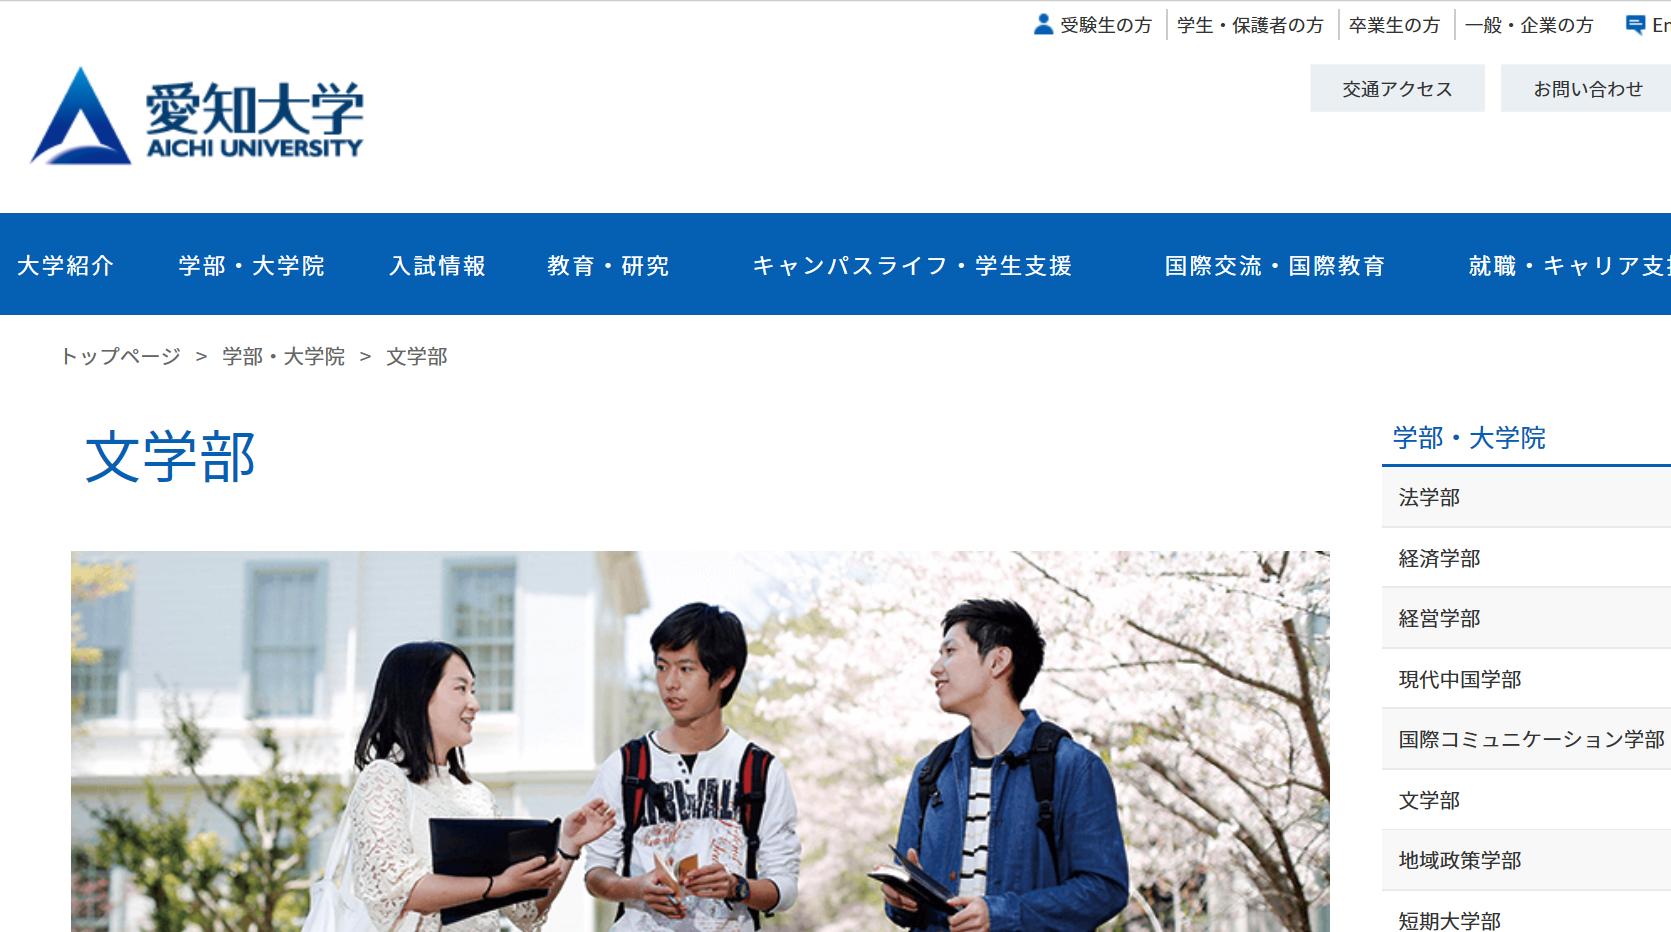 愛知大学の評判・口コミ【文学部編】